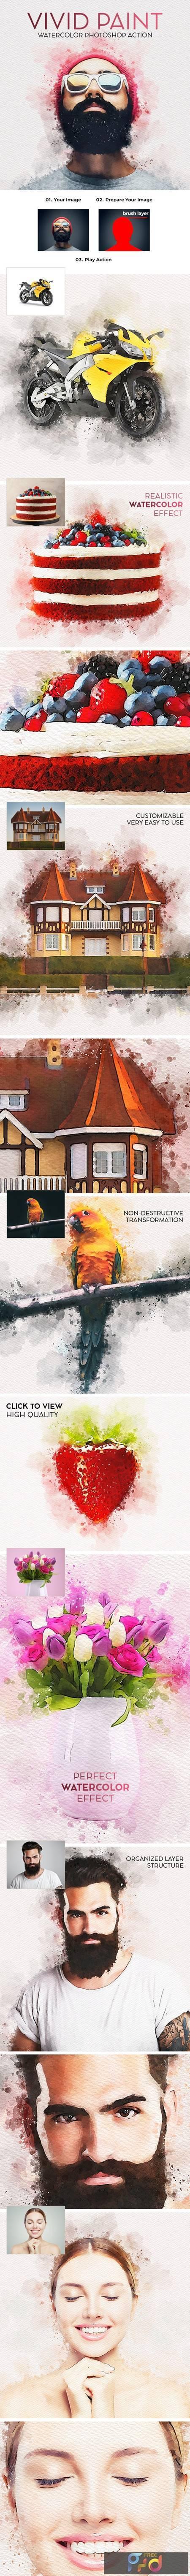 Vivid Paint - Watercolor Photoshop Action 28736835 1